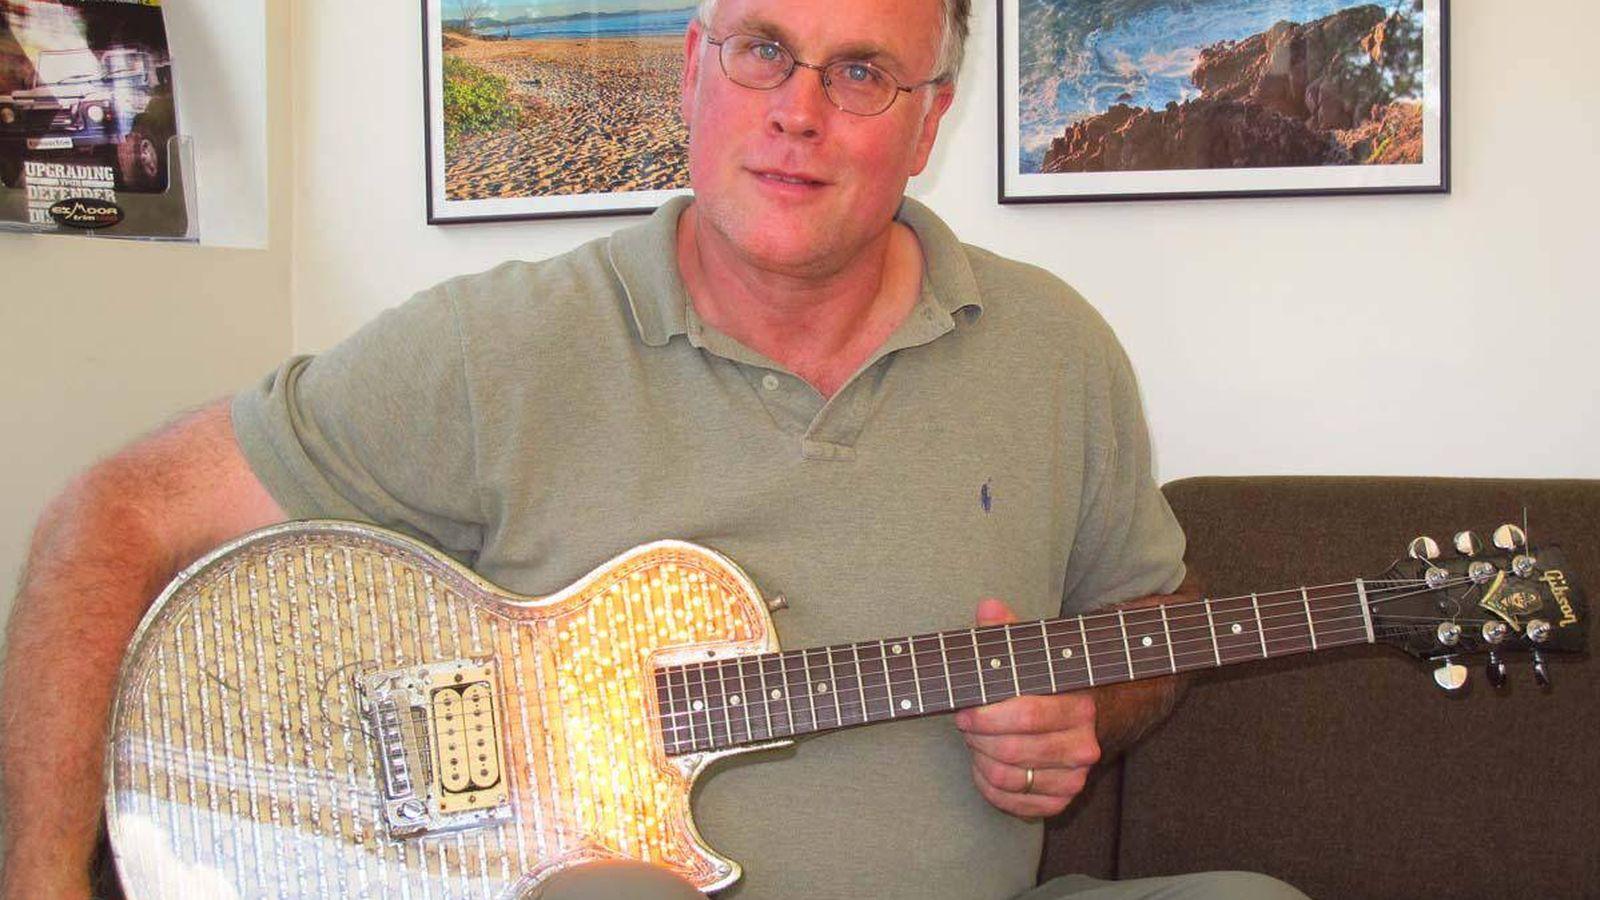 Foto: Robison en 2015 sujetando una de las guitarras restauradas que utilizó Kiss a finales de los 70. (Twitter)